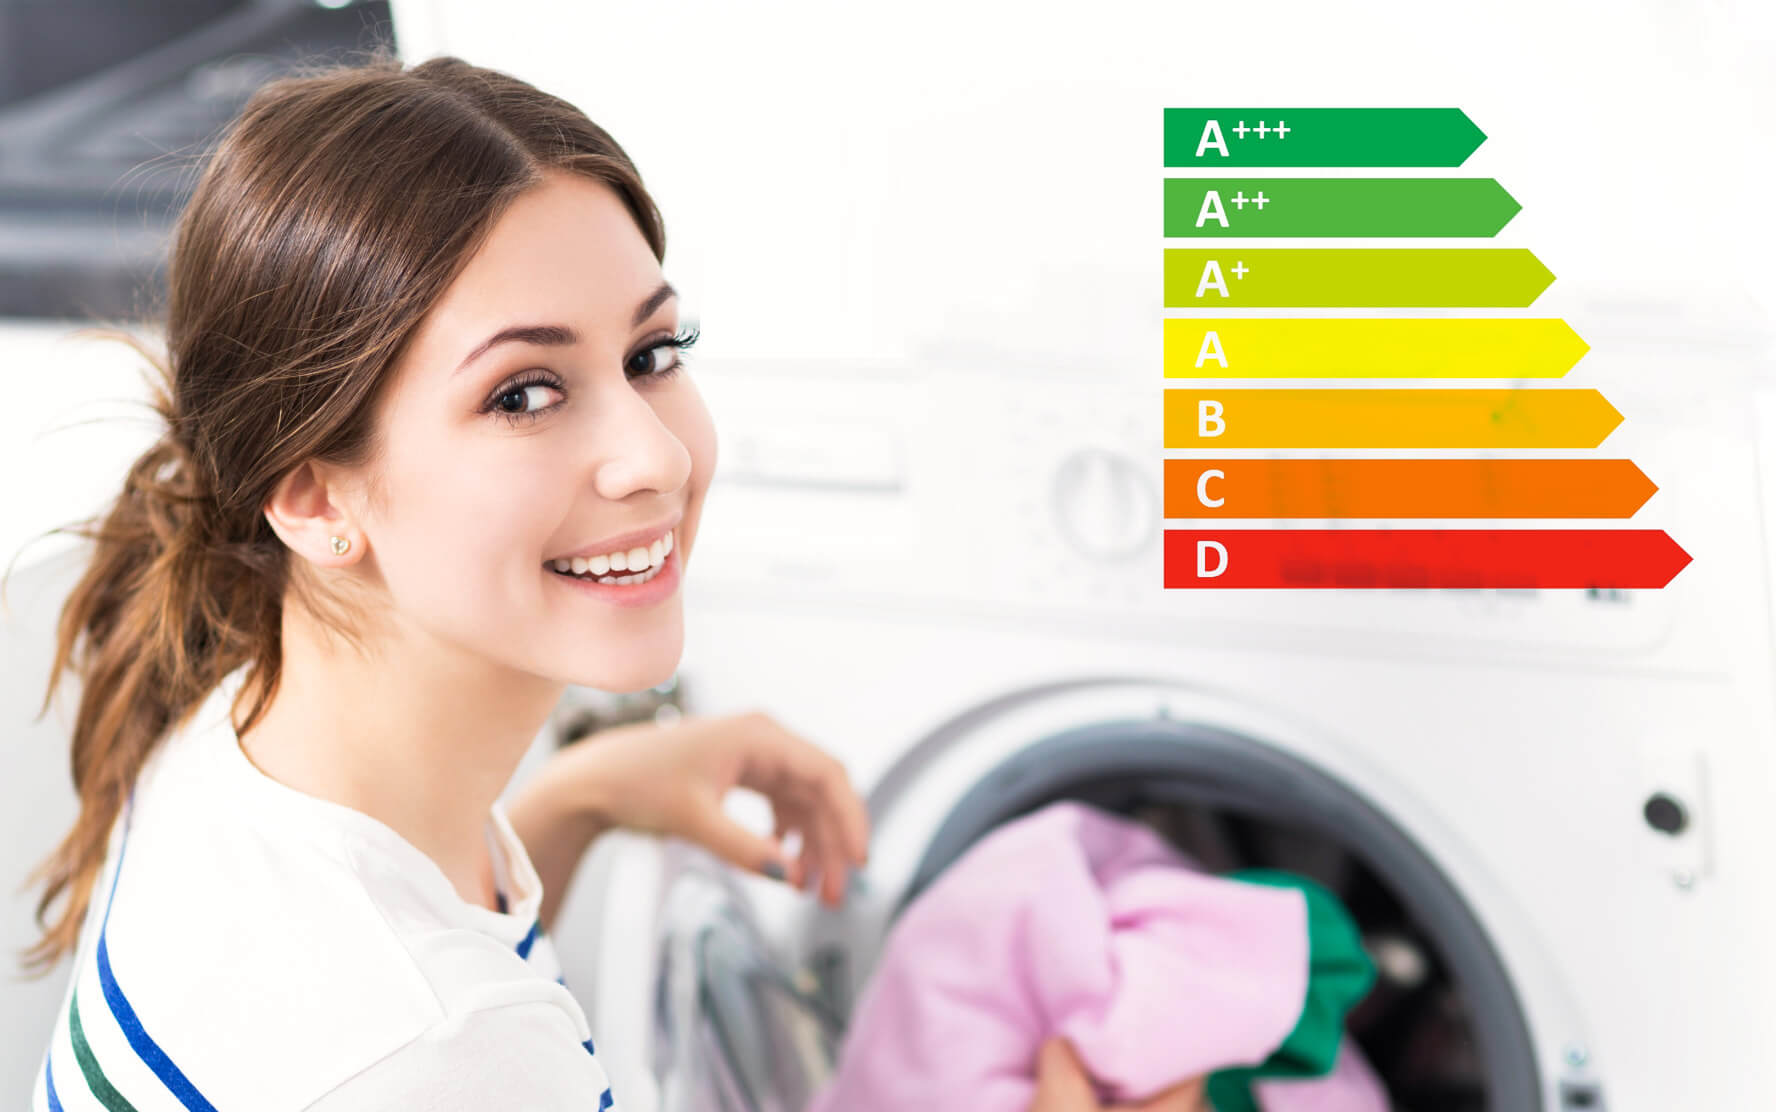 Differenza Classe A+ E A++ classe aaa: significato, cosa indica e quanto consuma